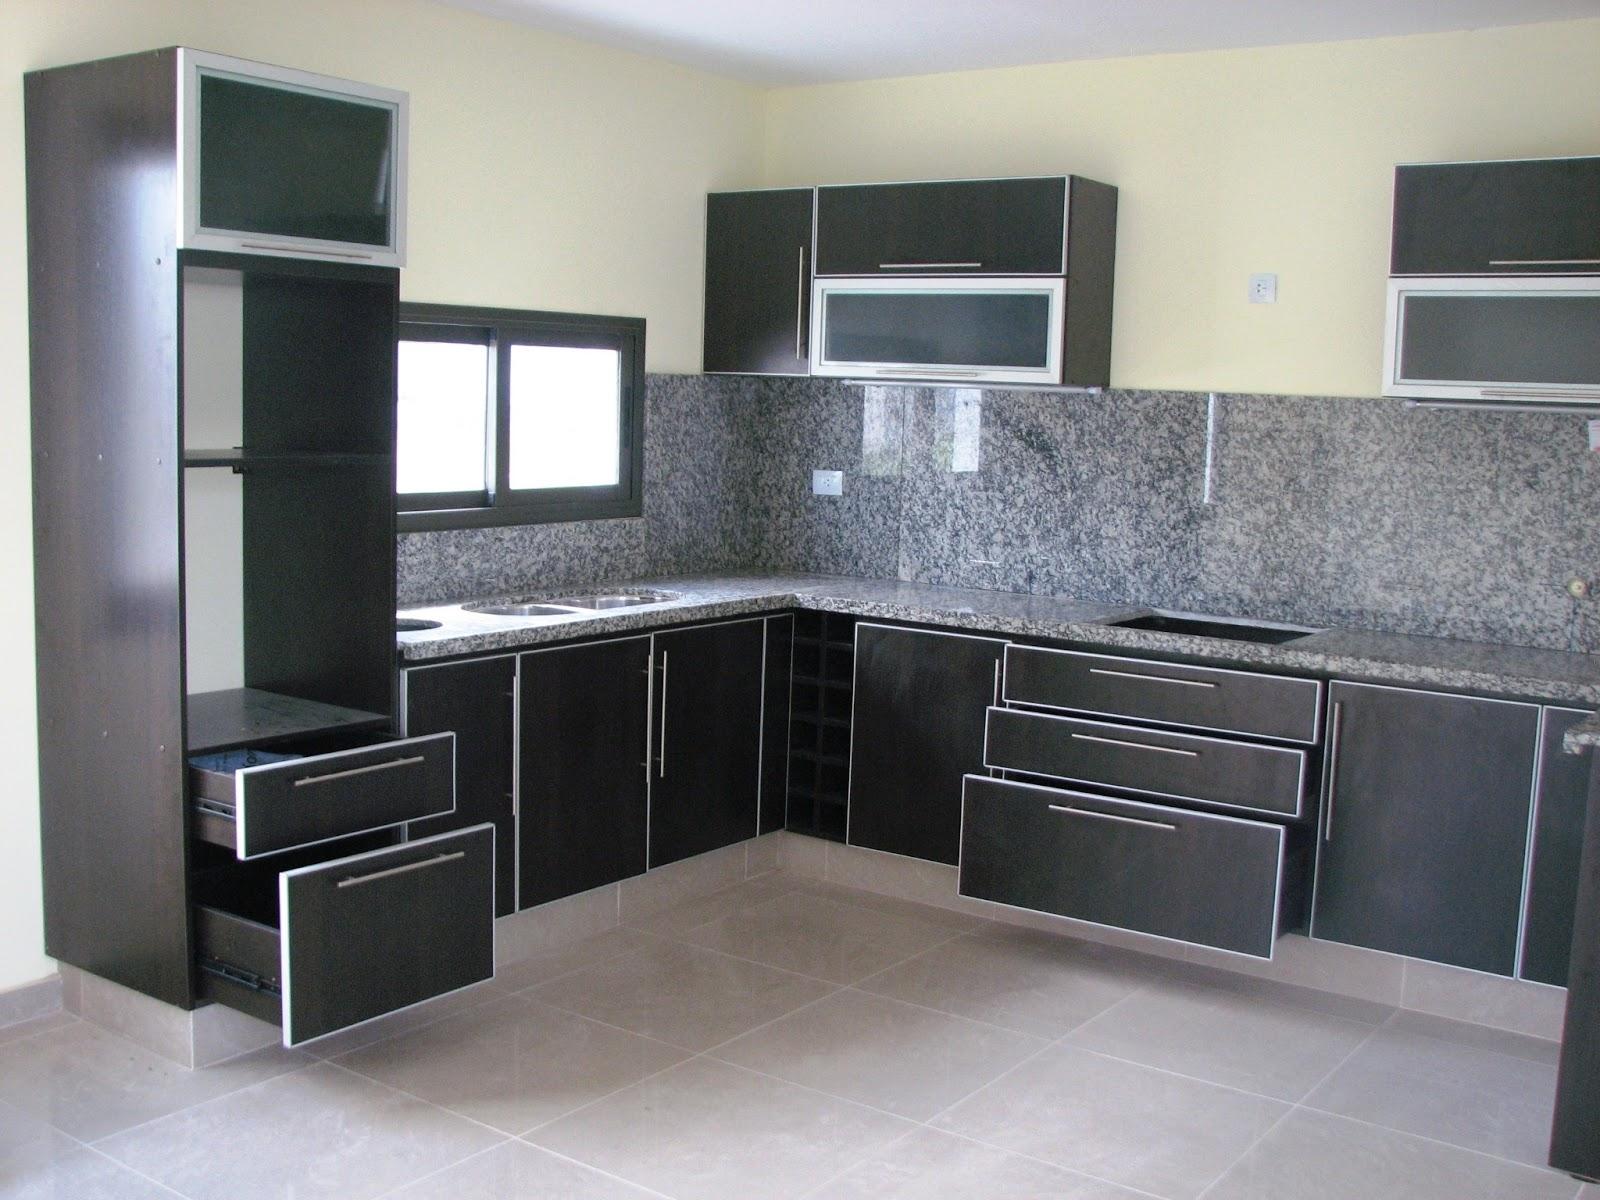 Muebles De Cocina A Medida La Serena azarak Ideas #1: IMG 3133